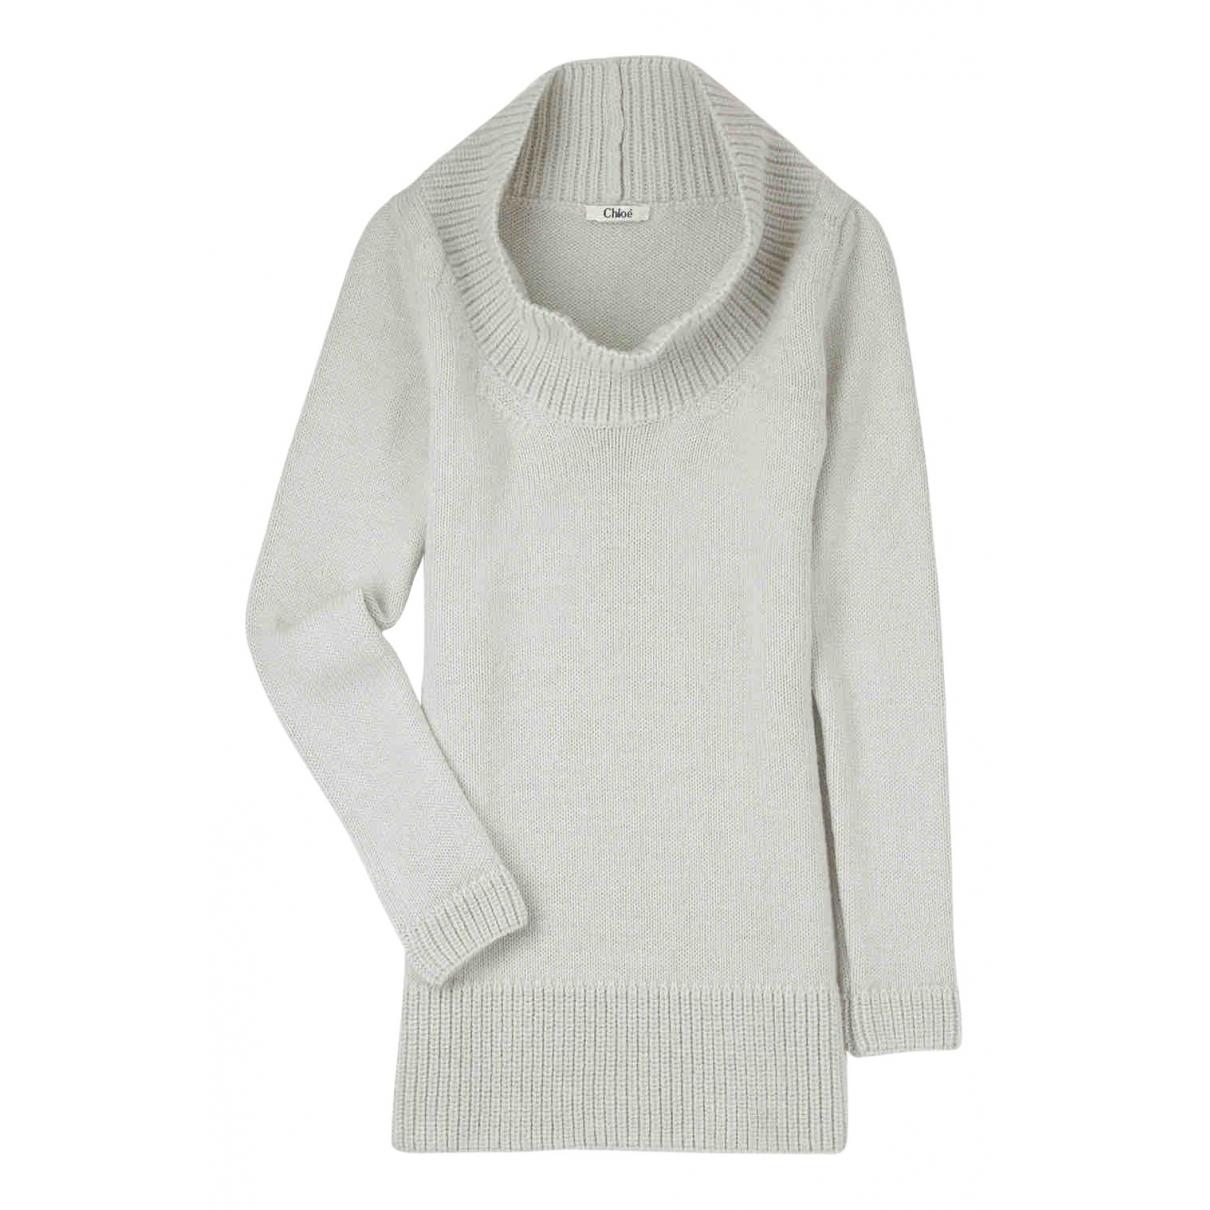 Chloé \N Ecru Wool Knitwear for Women XS International